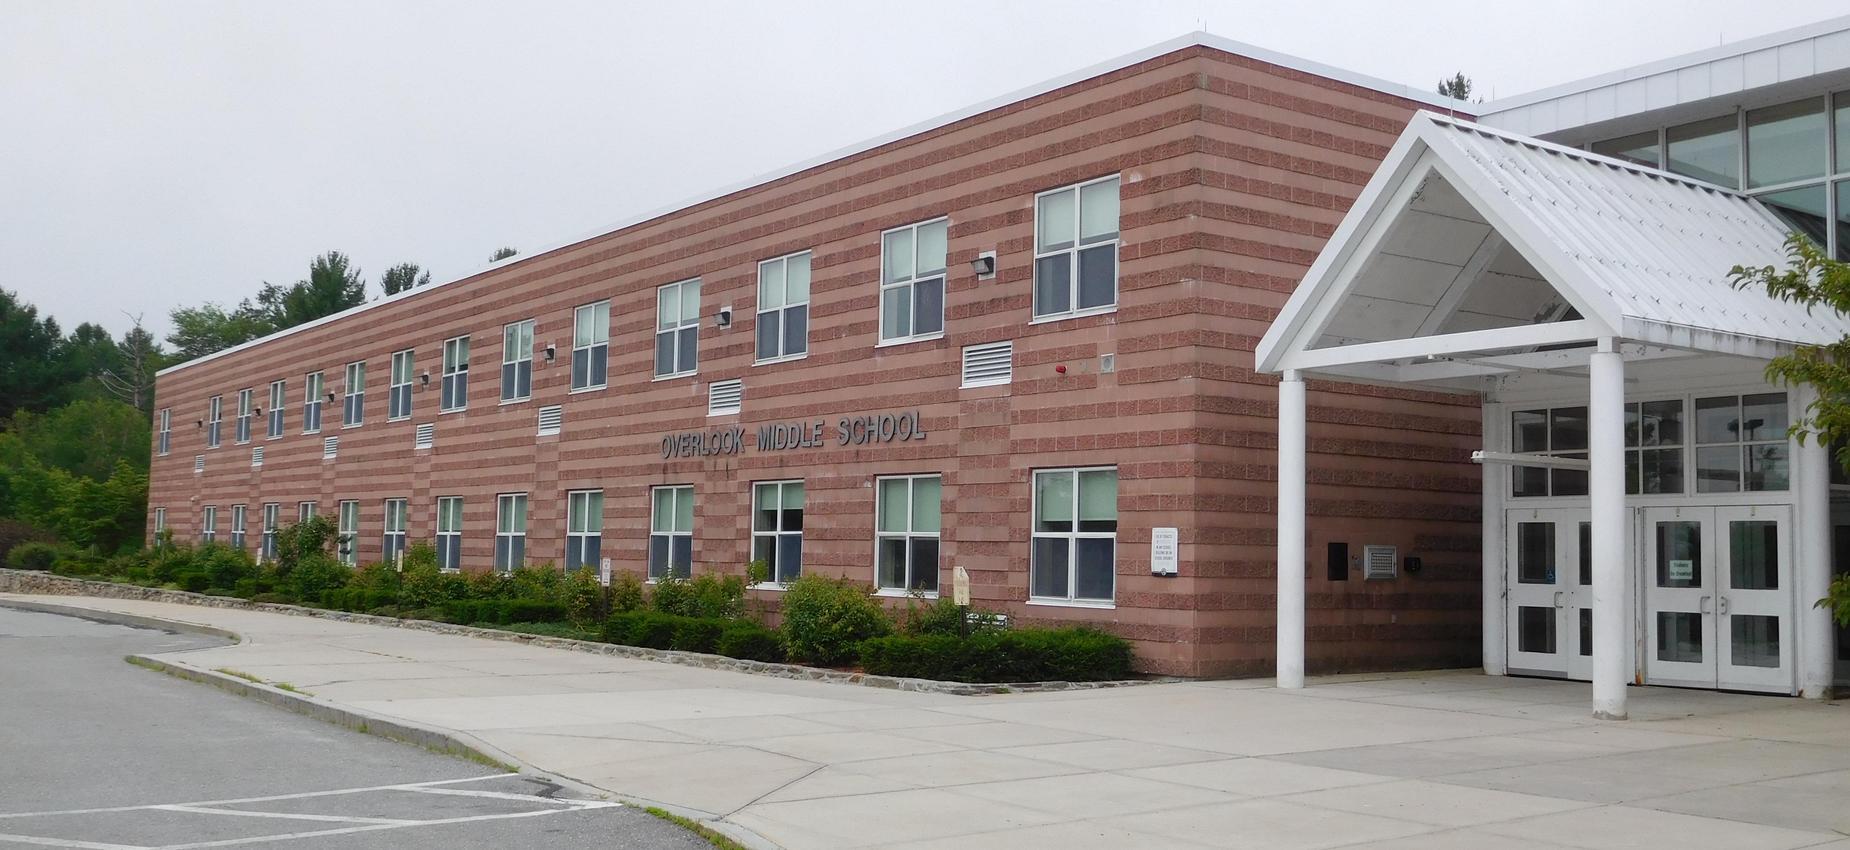 Overlook Middle School